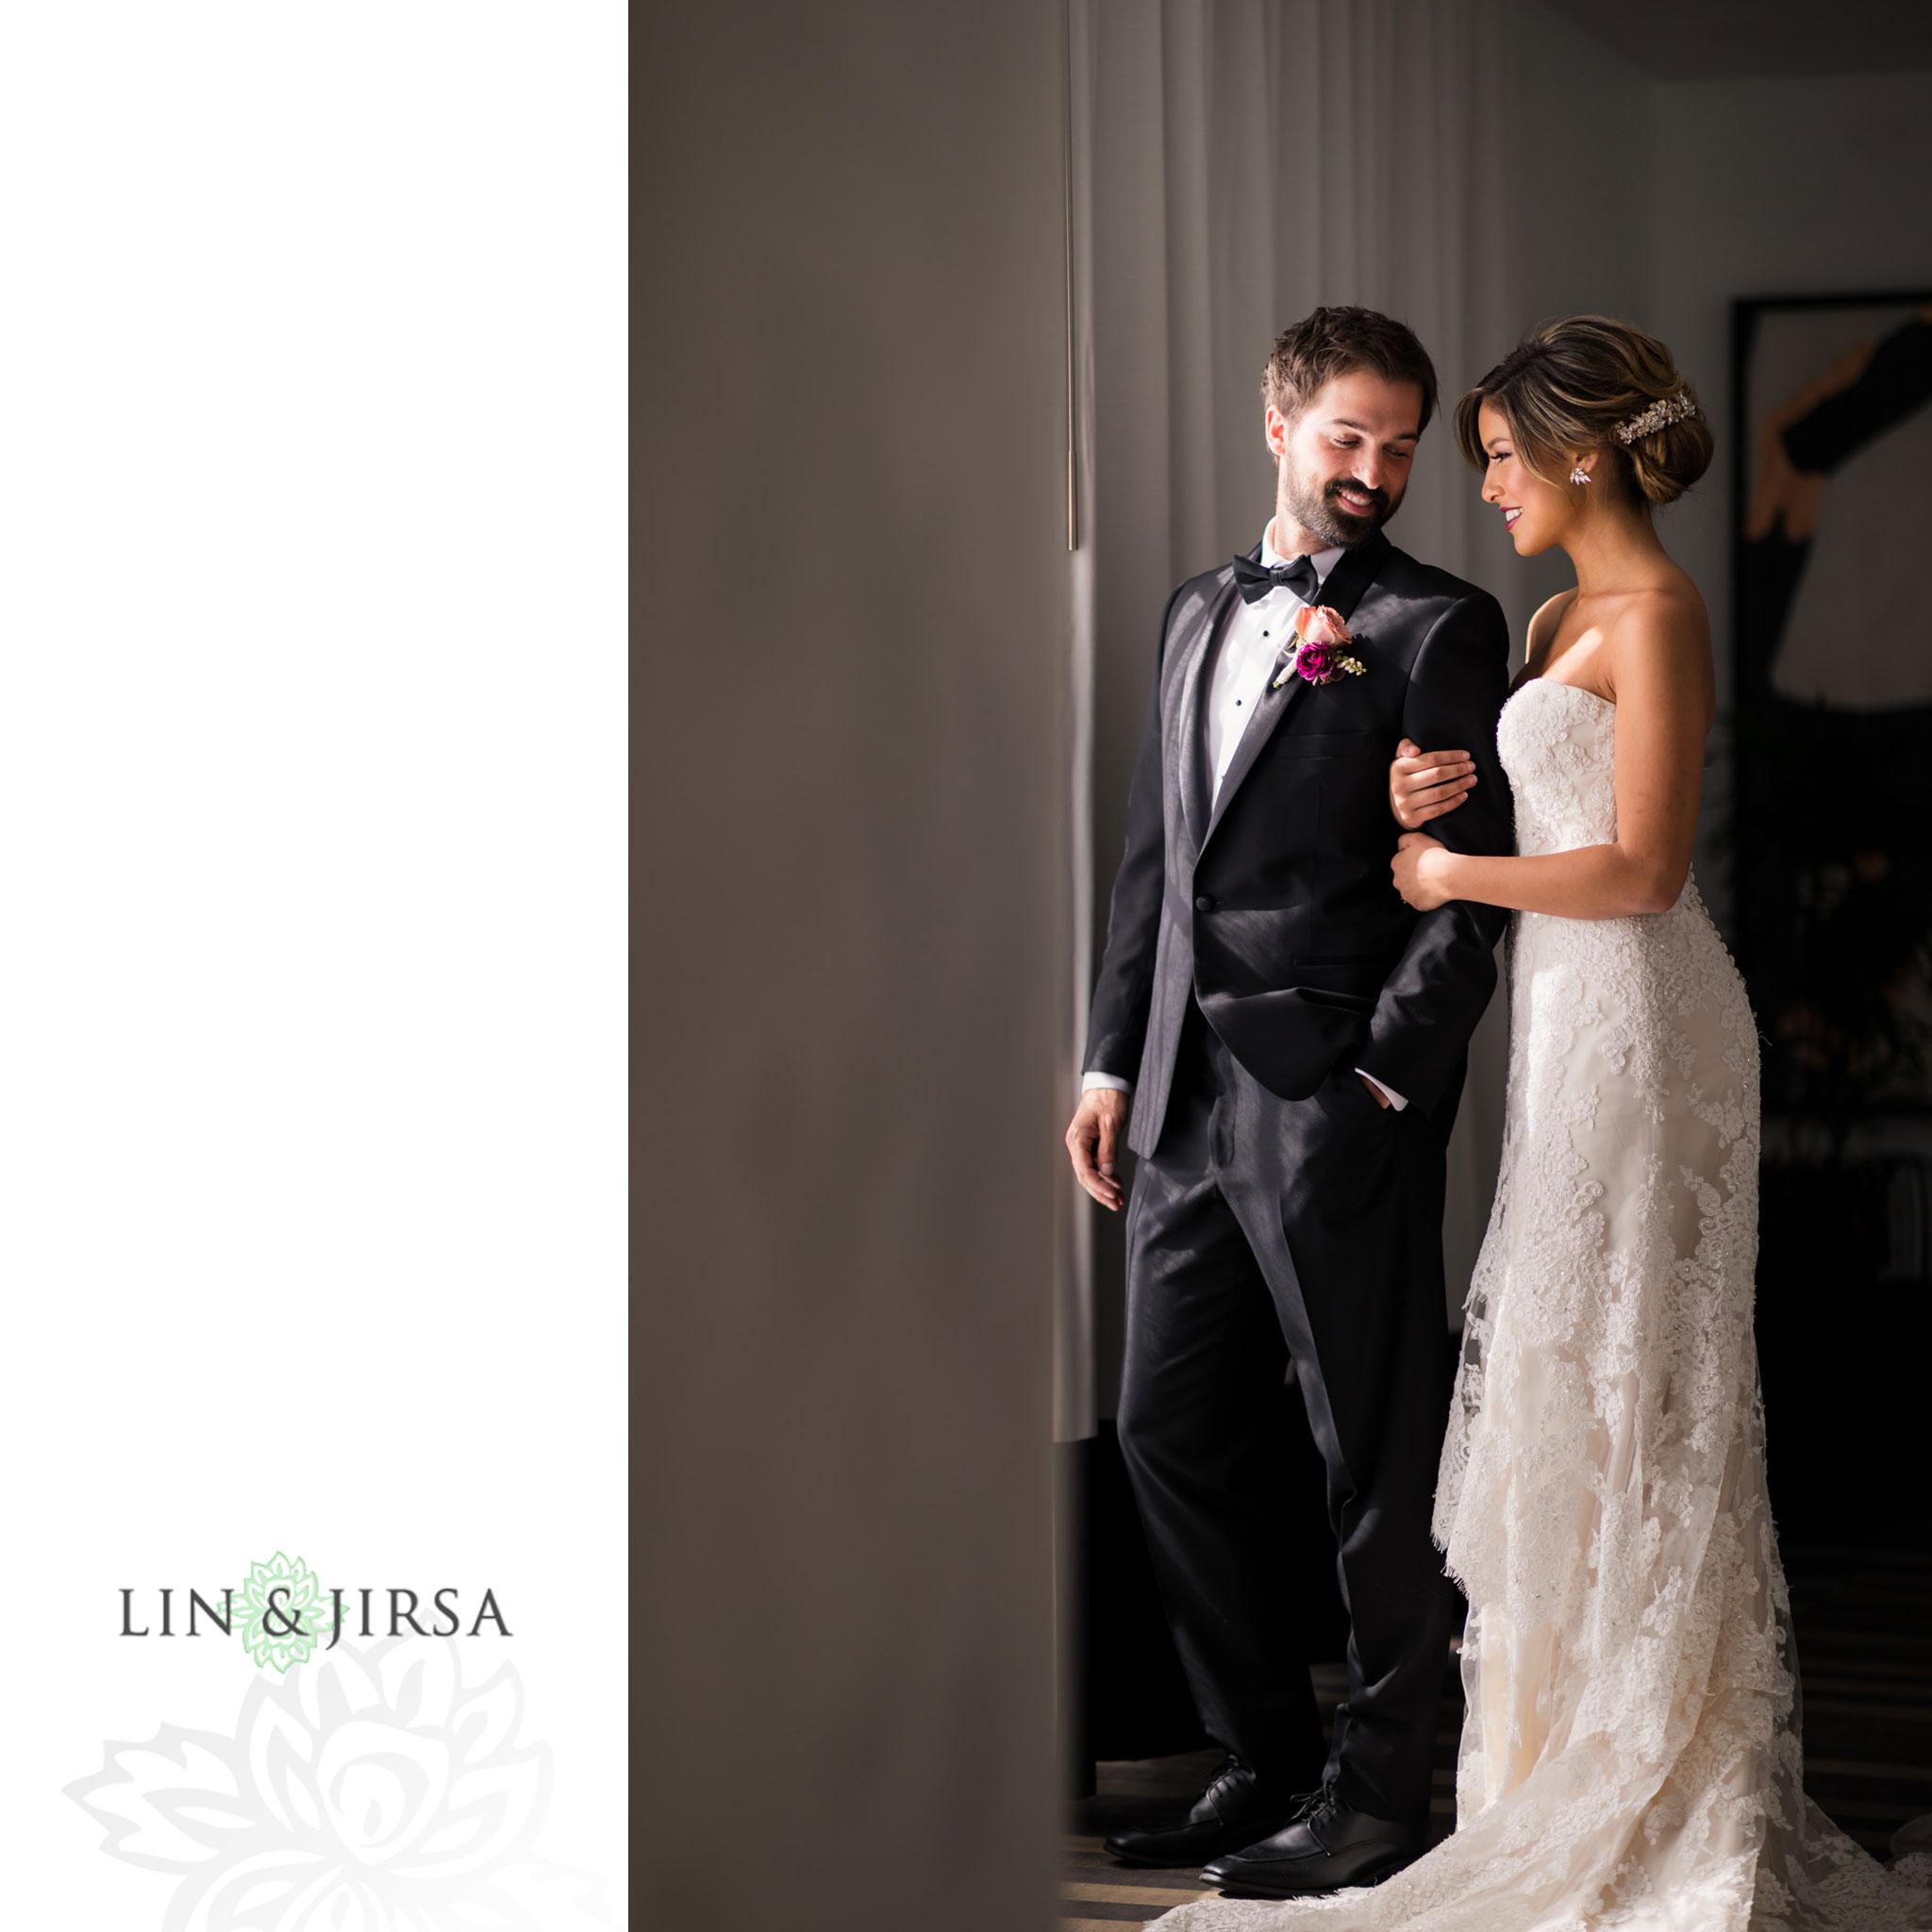 11 Kimpton La Peer Hotel West Hollywood Stylized Wedding Photography